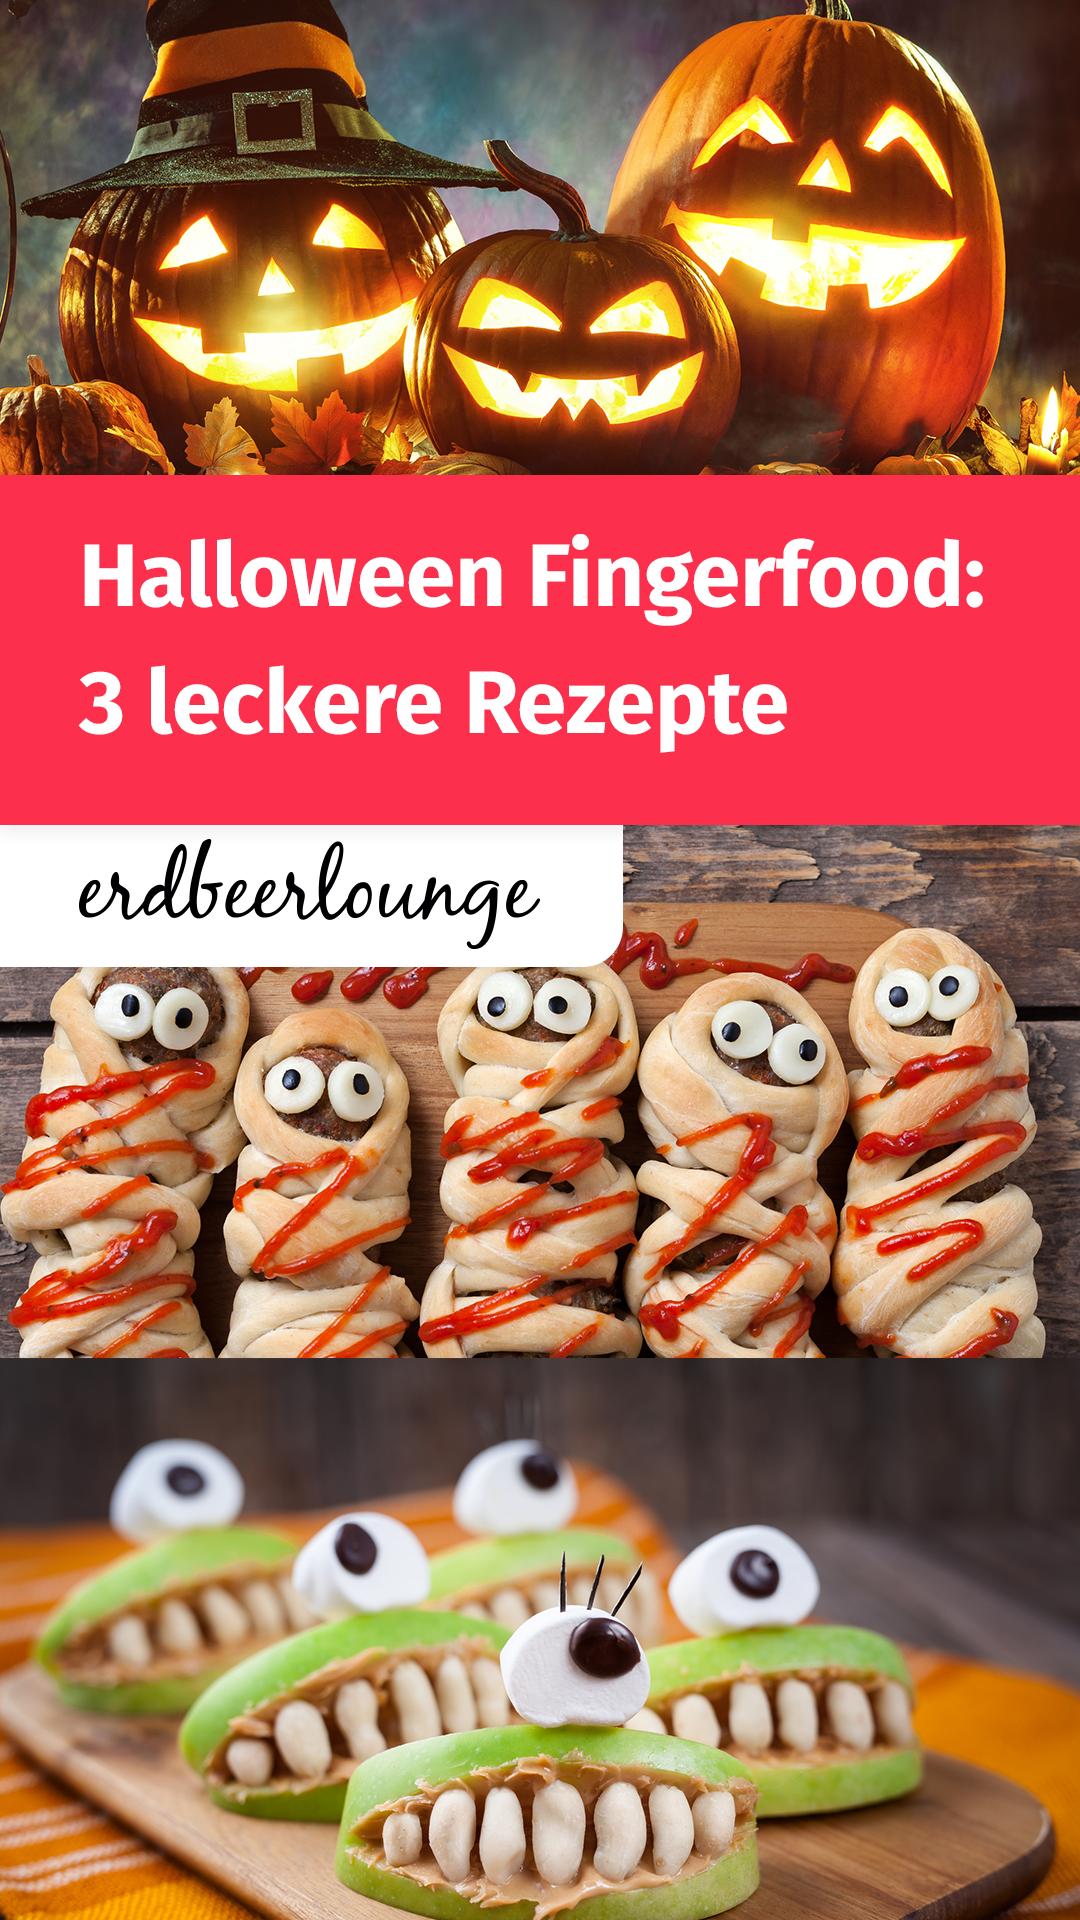 HalloweenFingerfood 6 einfache & tolle Rezepte